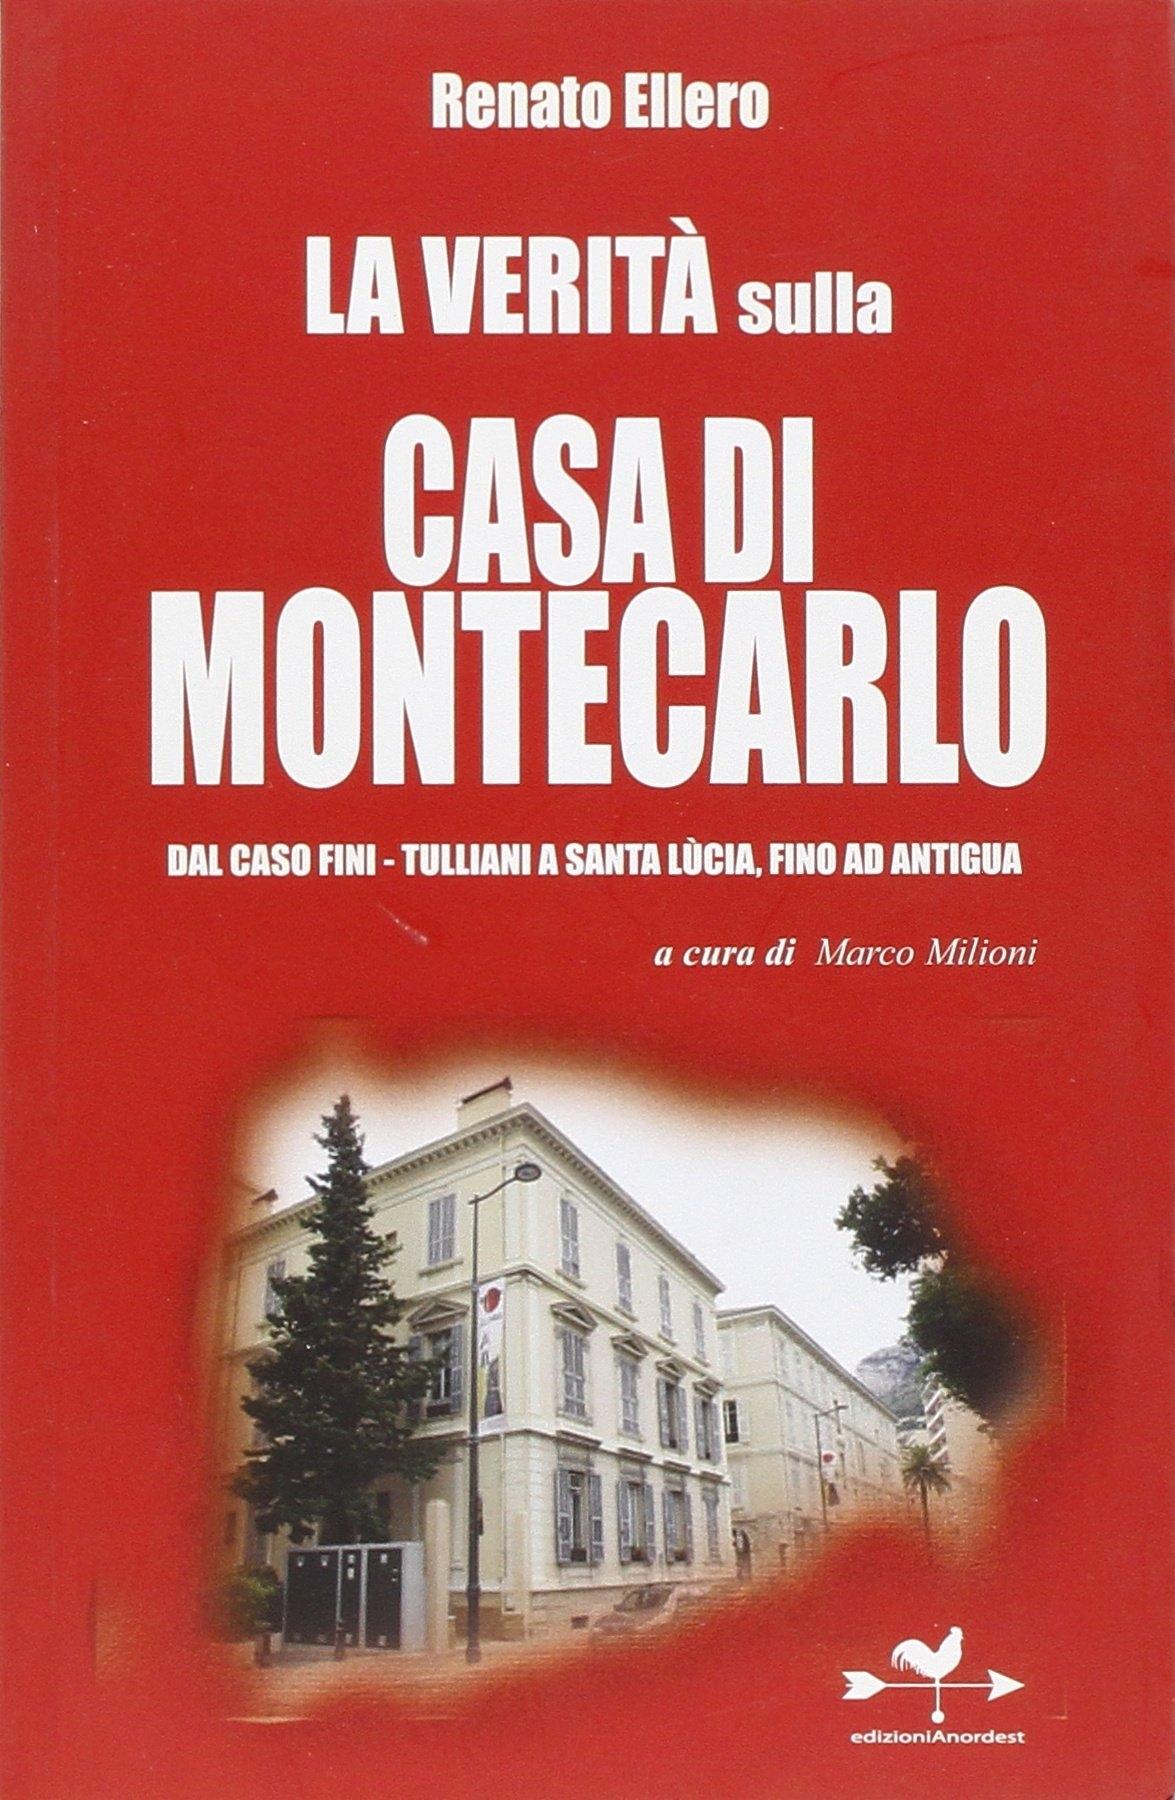 La verità sulla casa di Montecarlo.